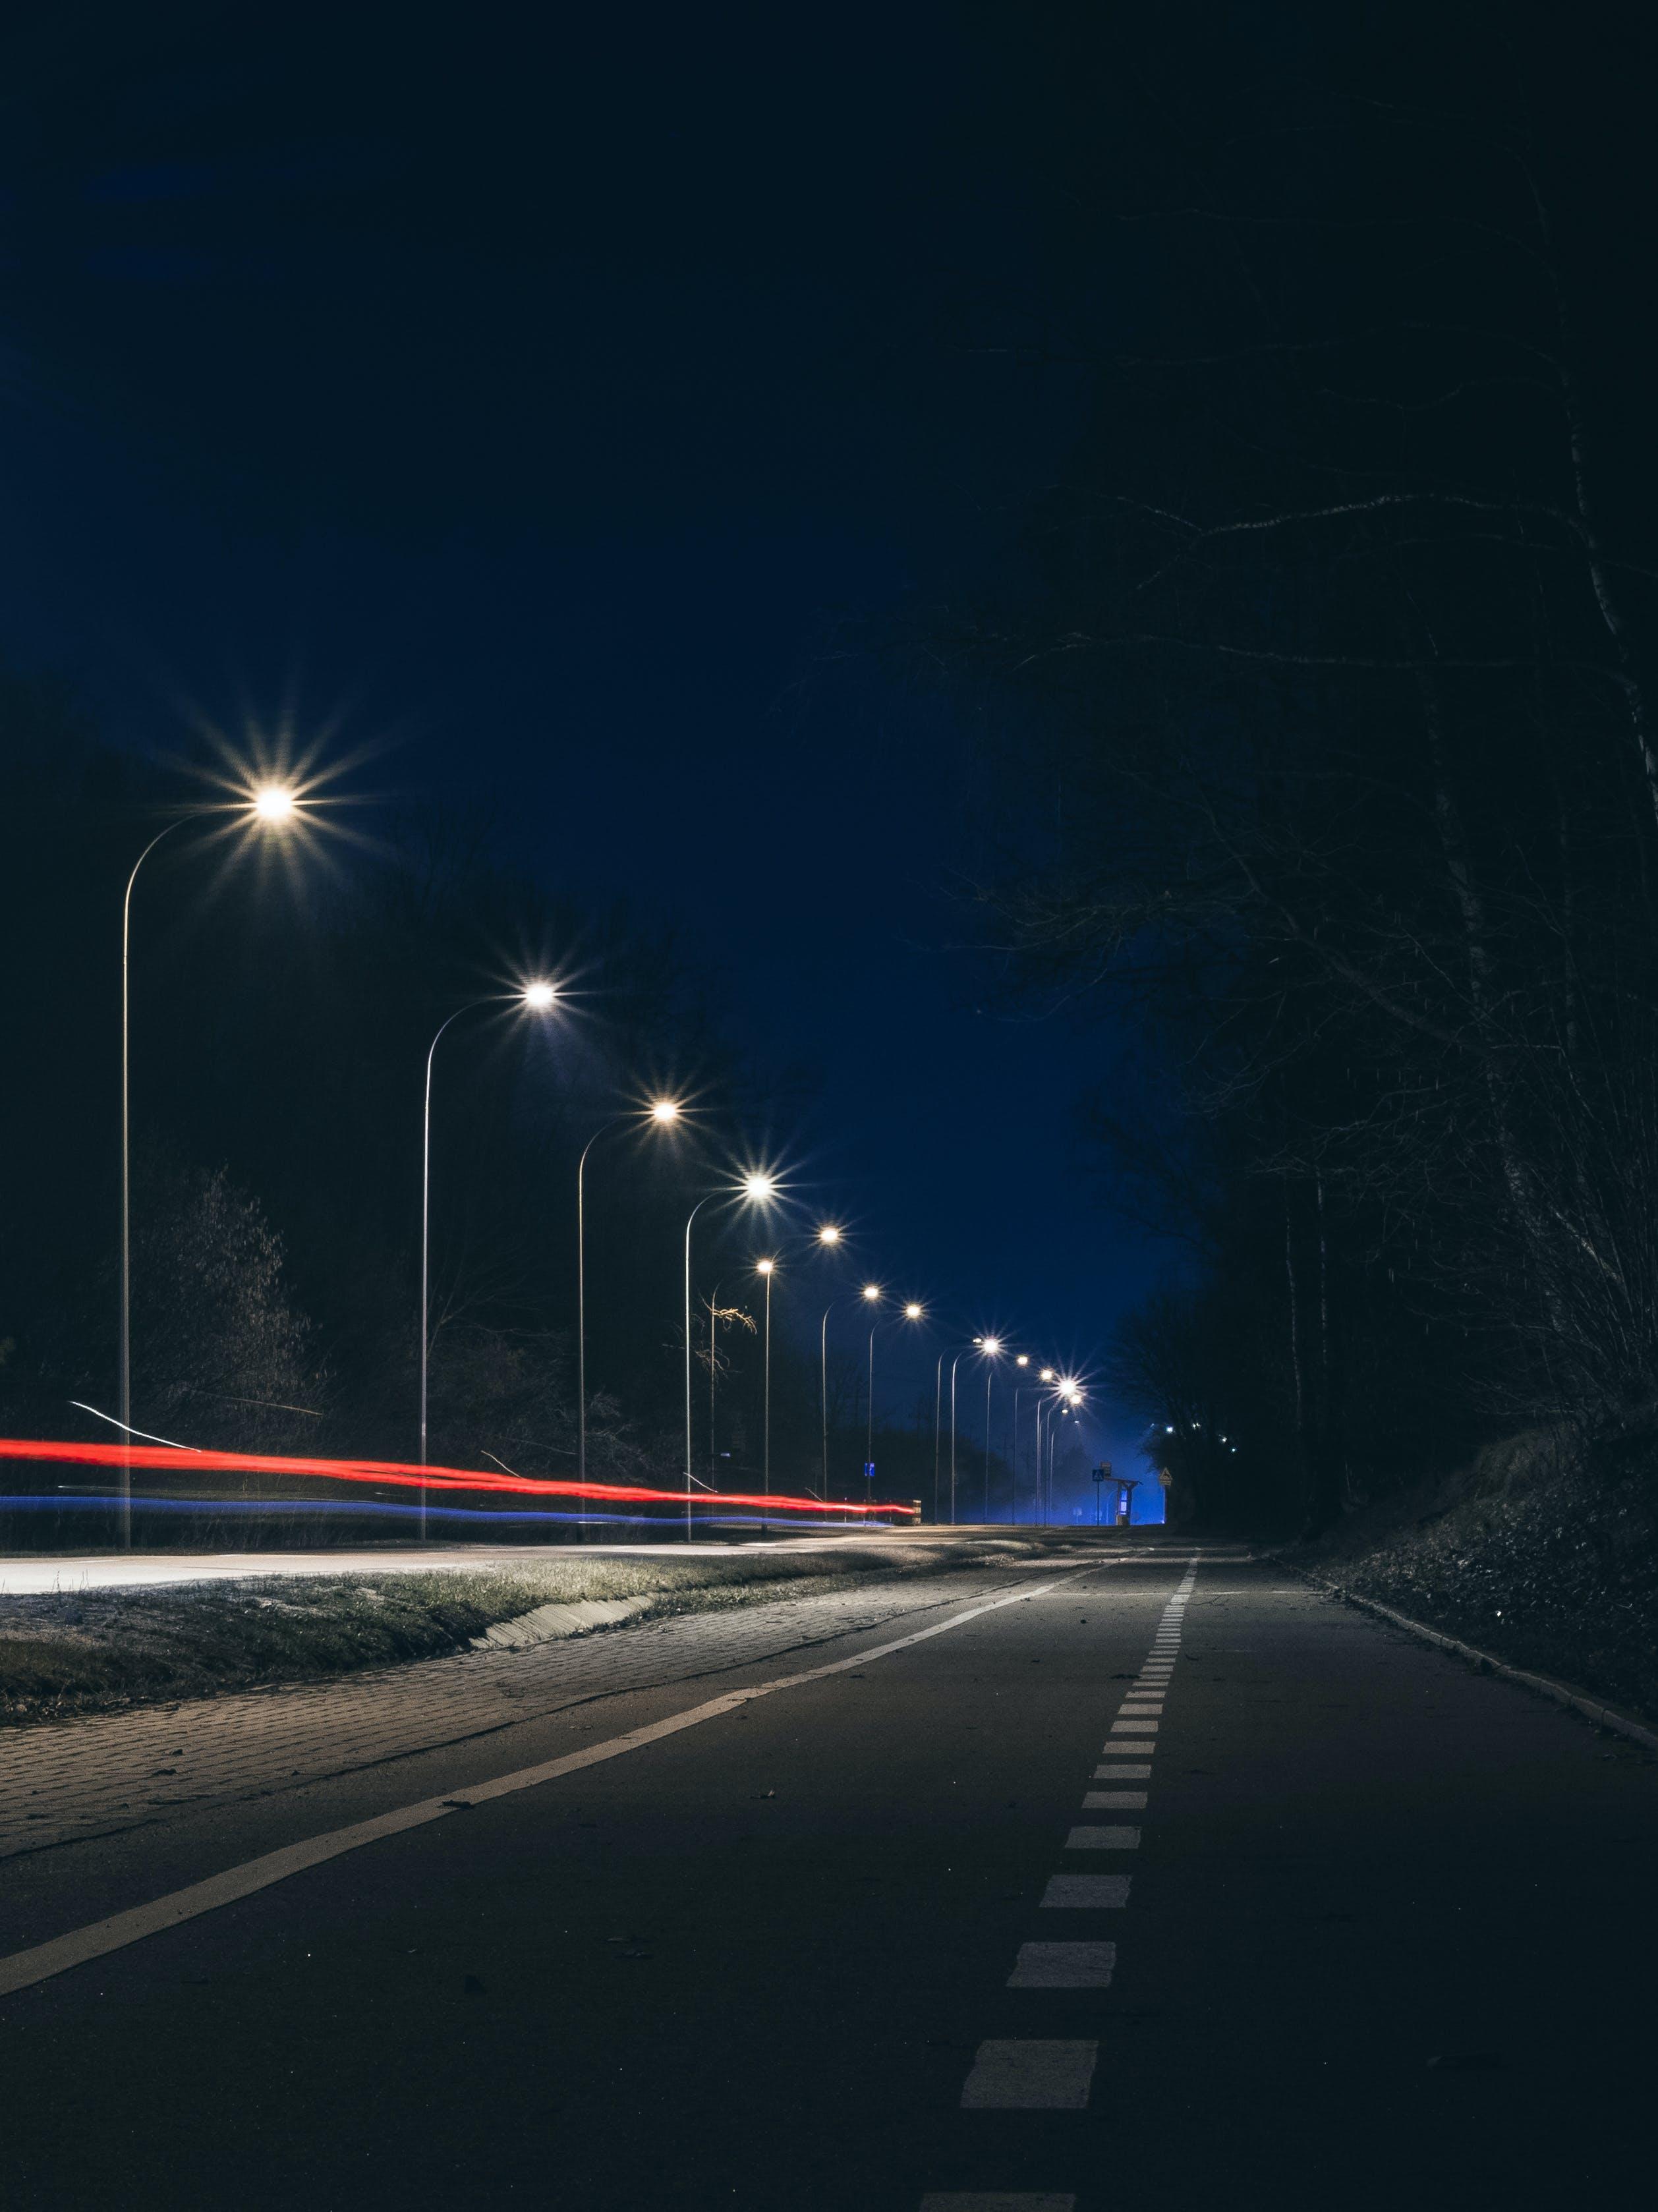 Kostenloses Stock Foto zu asphalt, beleuchtung, dunkel, langzeitbelichtung